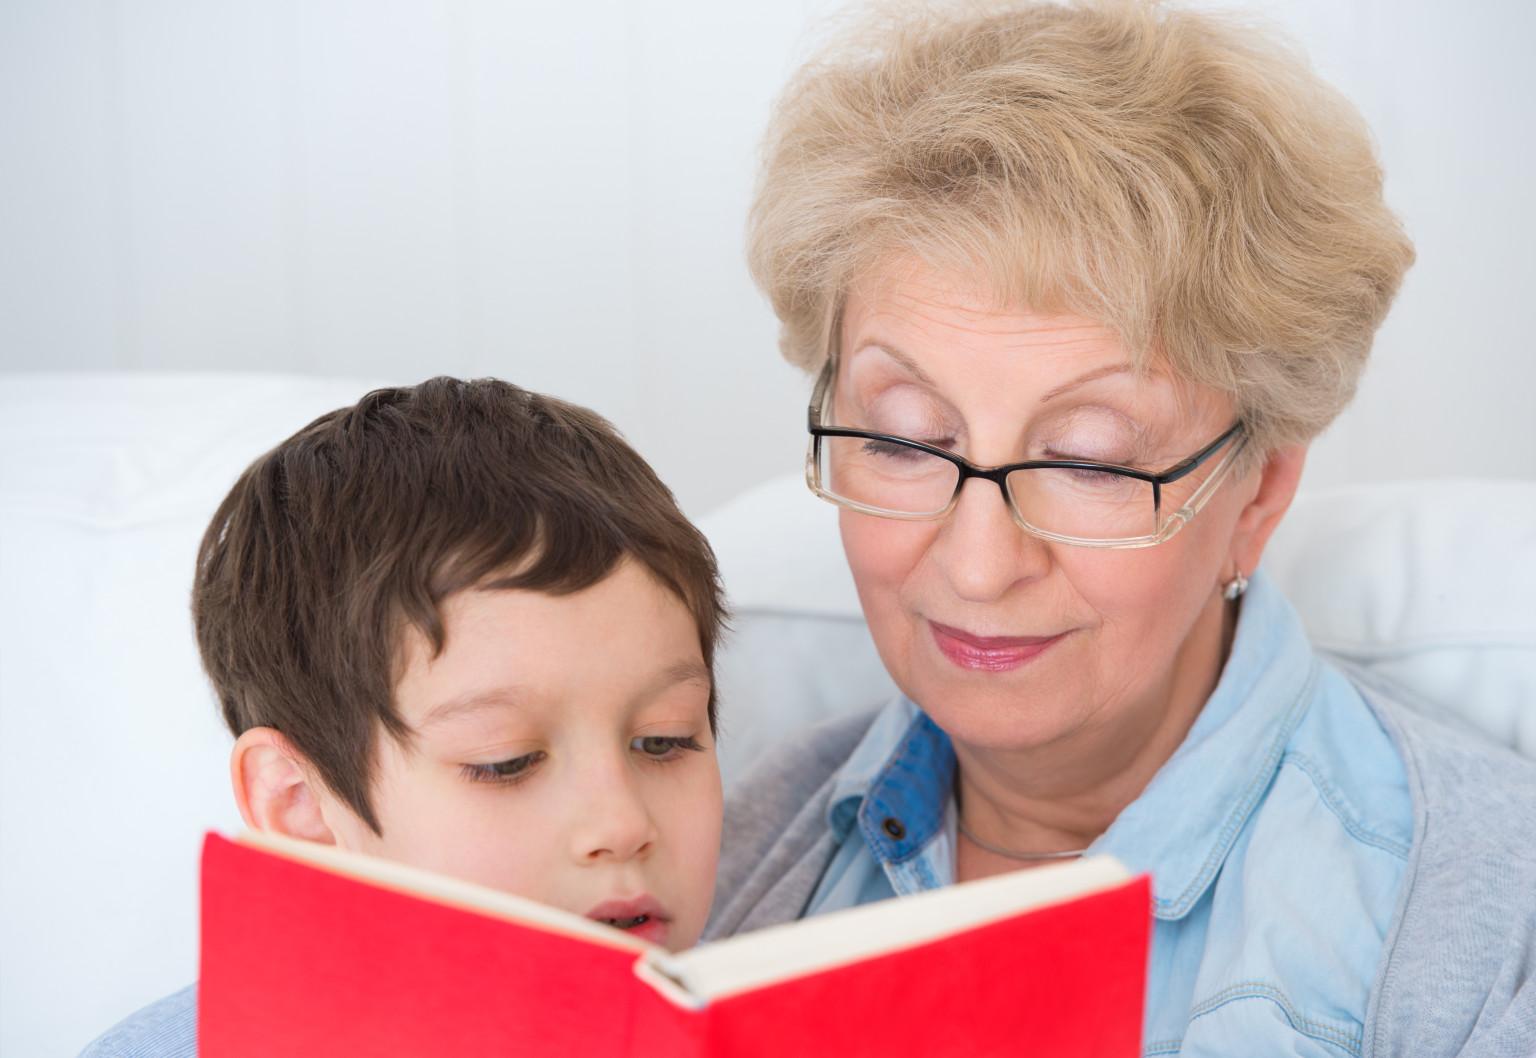 Прочитать рассказ бабушка и внук 10 фотография